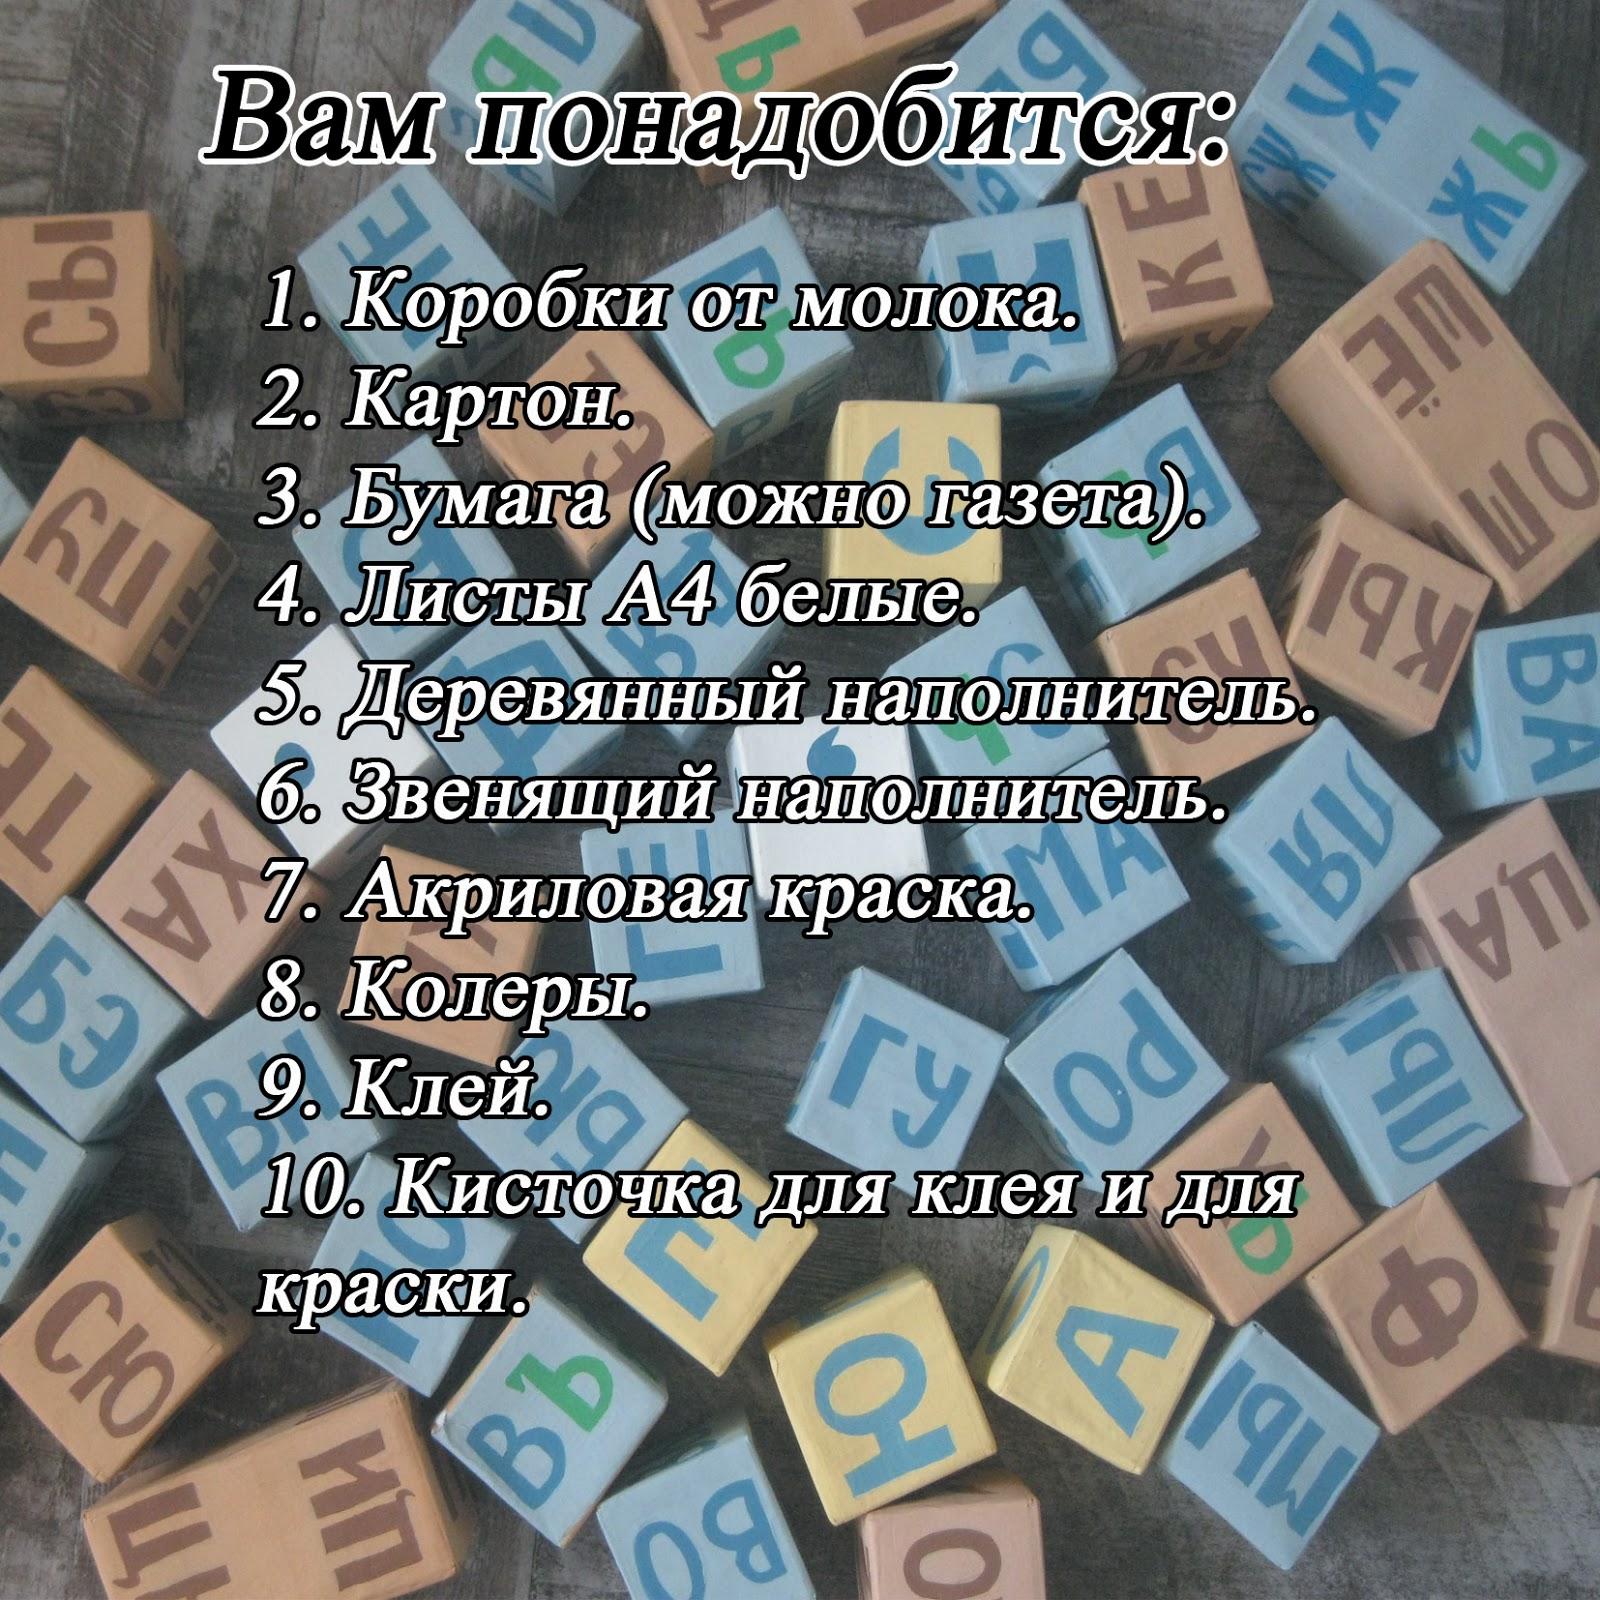 Методика чтения 15